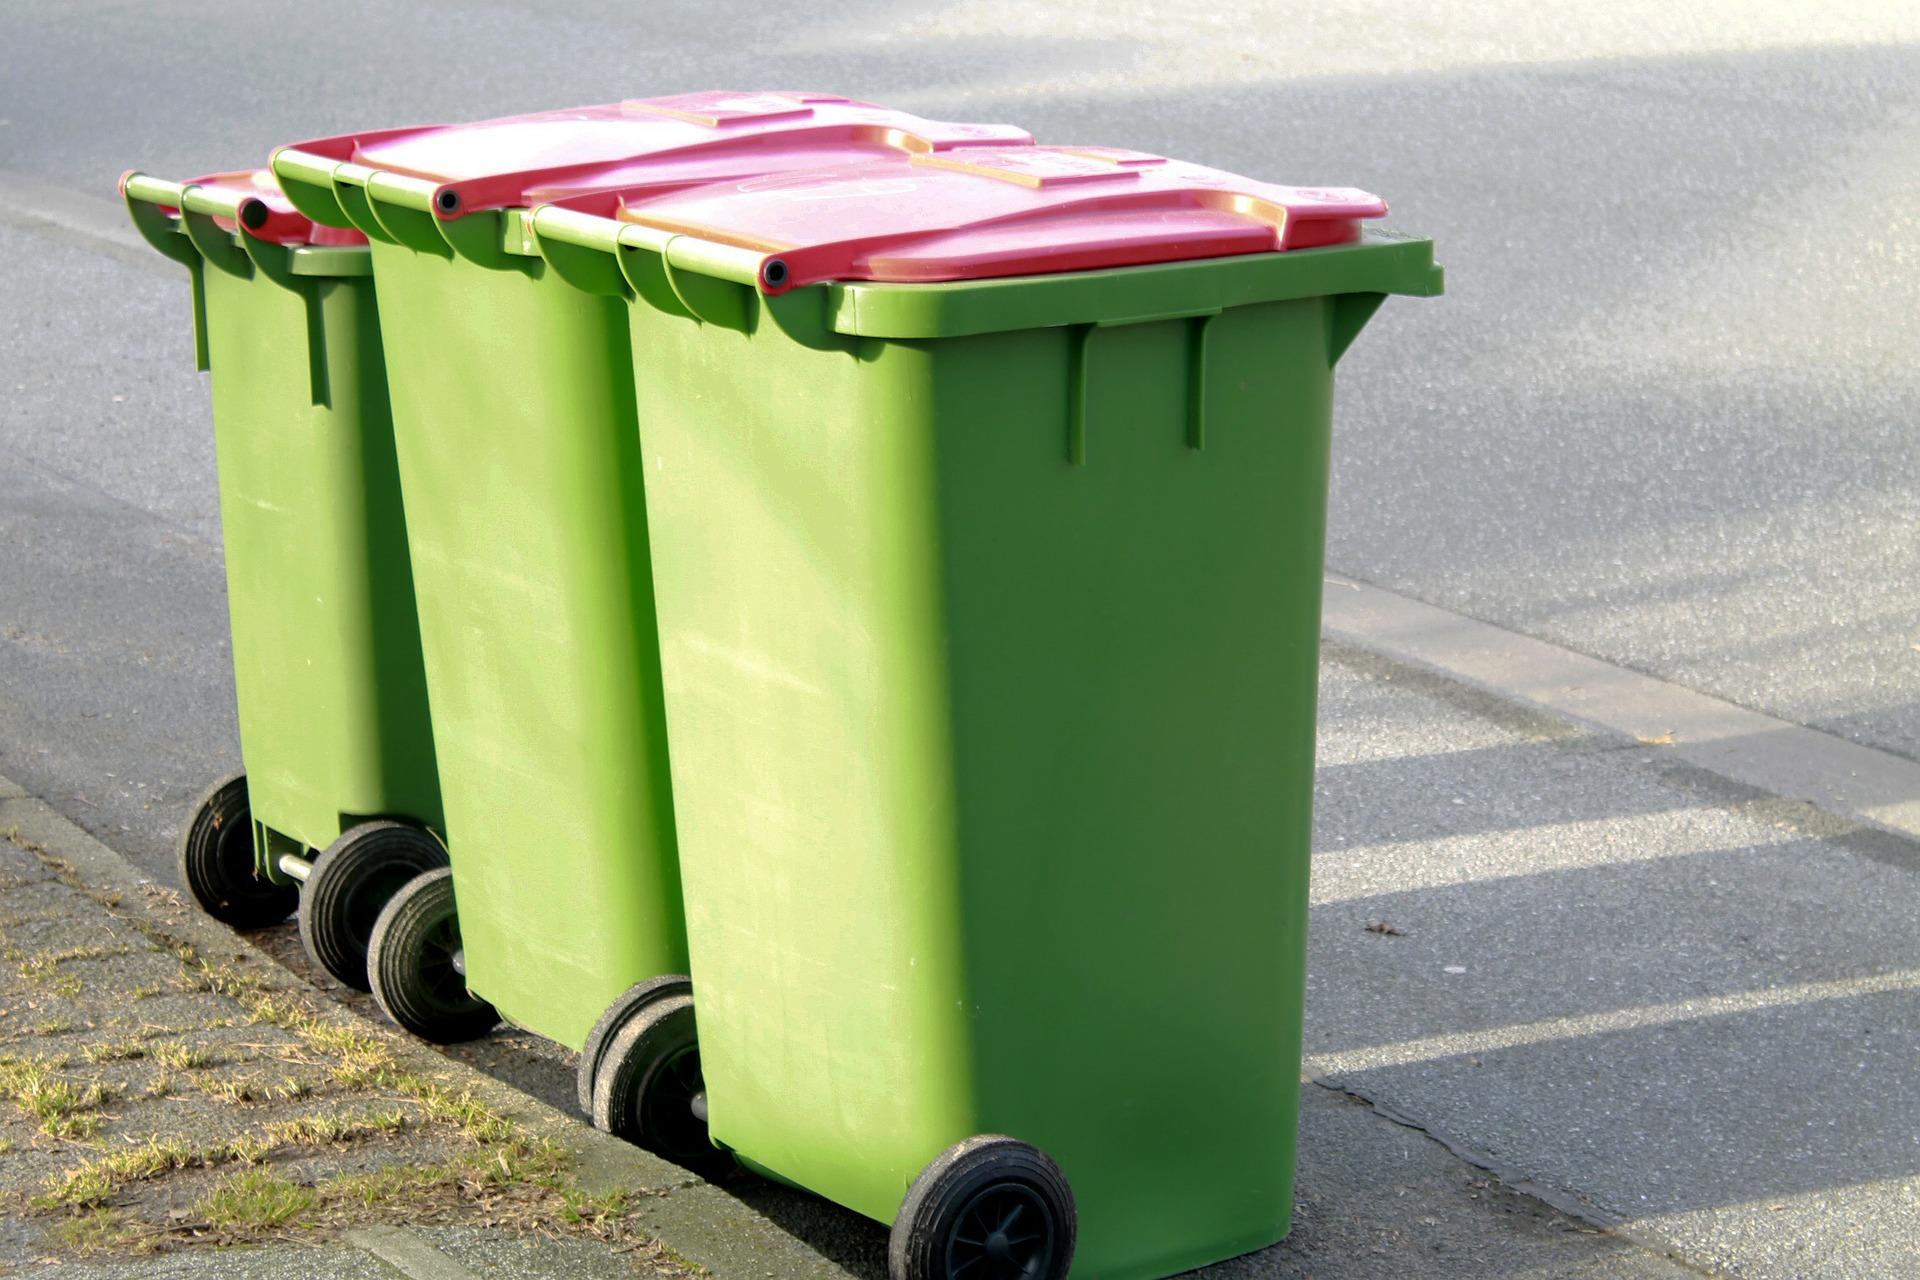 Objavljeni radni podaci o komunalnom otpadu za 2019. godinu- PROVJERITE TOČNOST